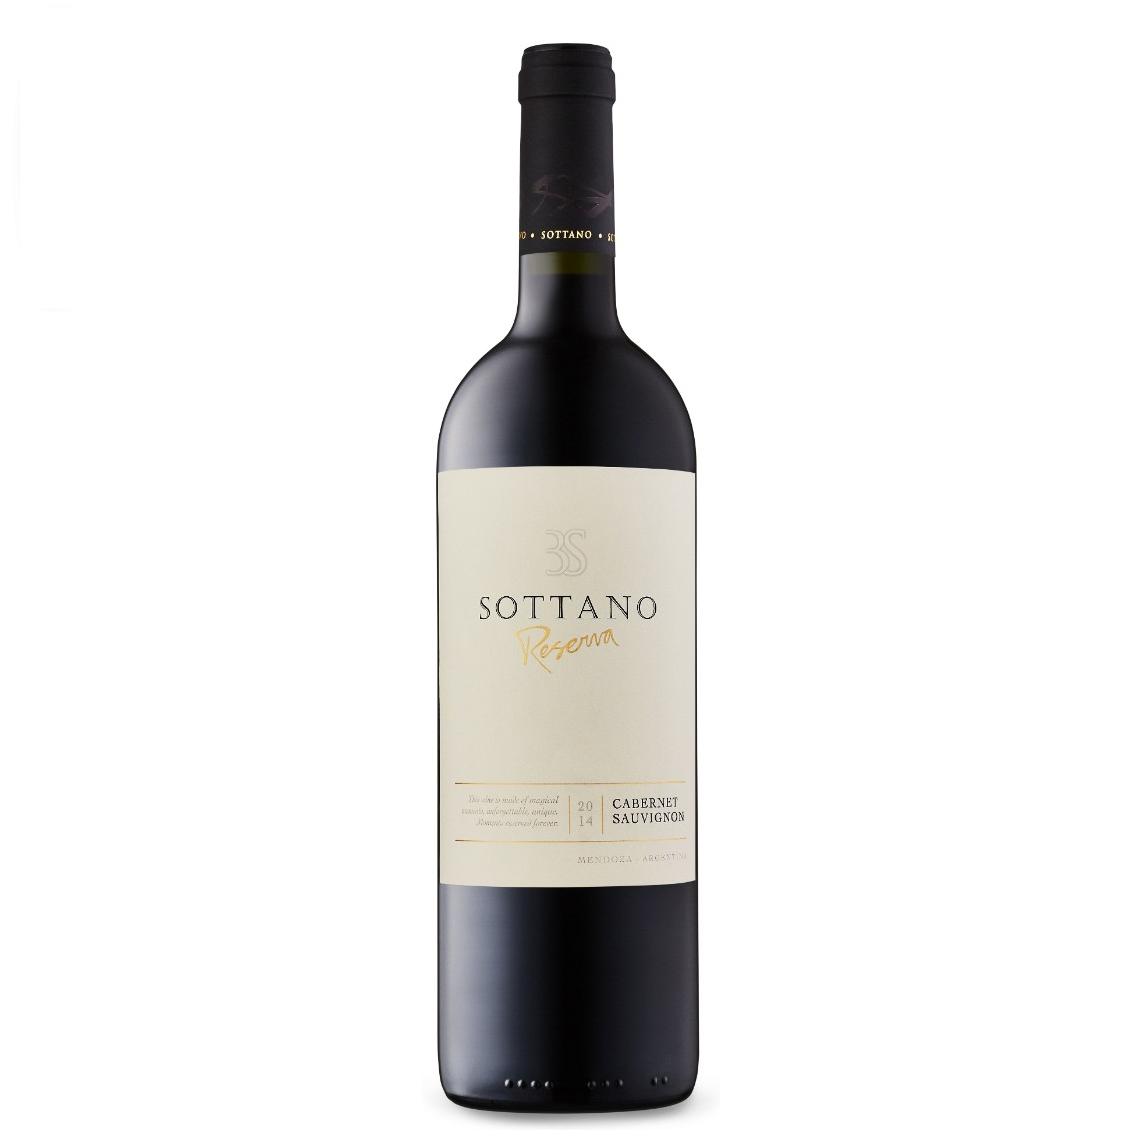 Vino Sottano reserva cabernet x750cc